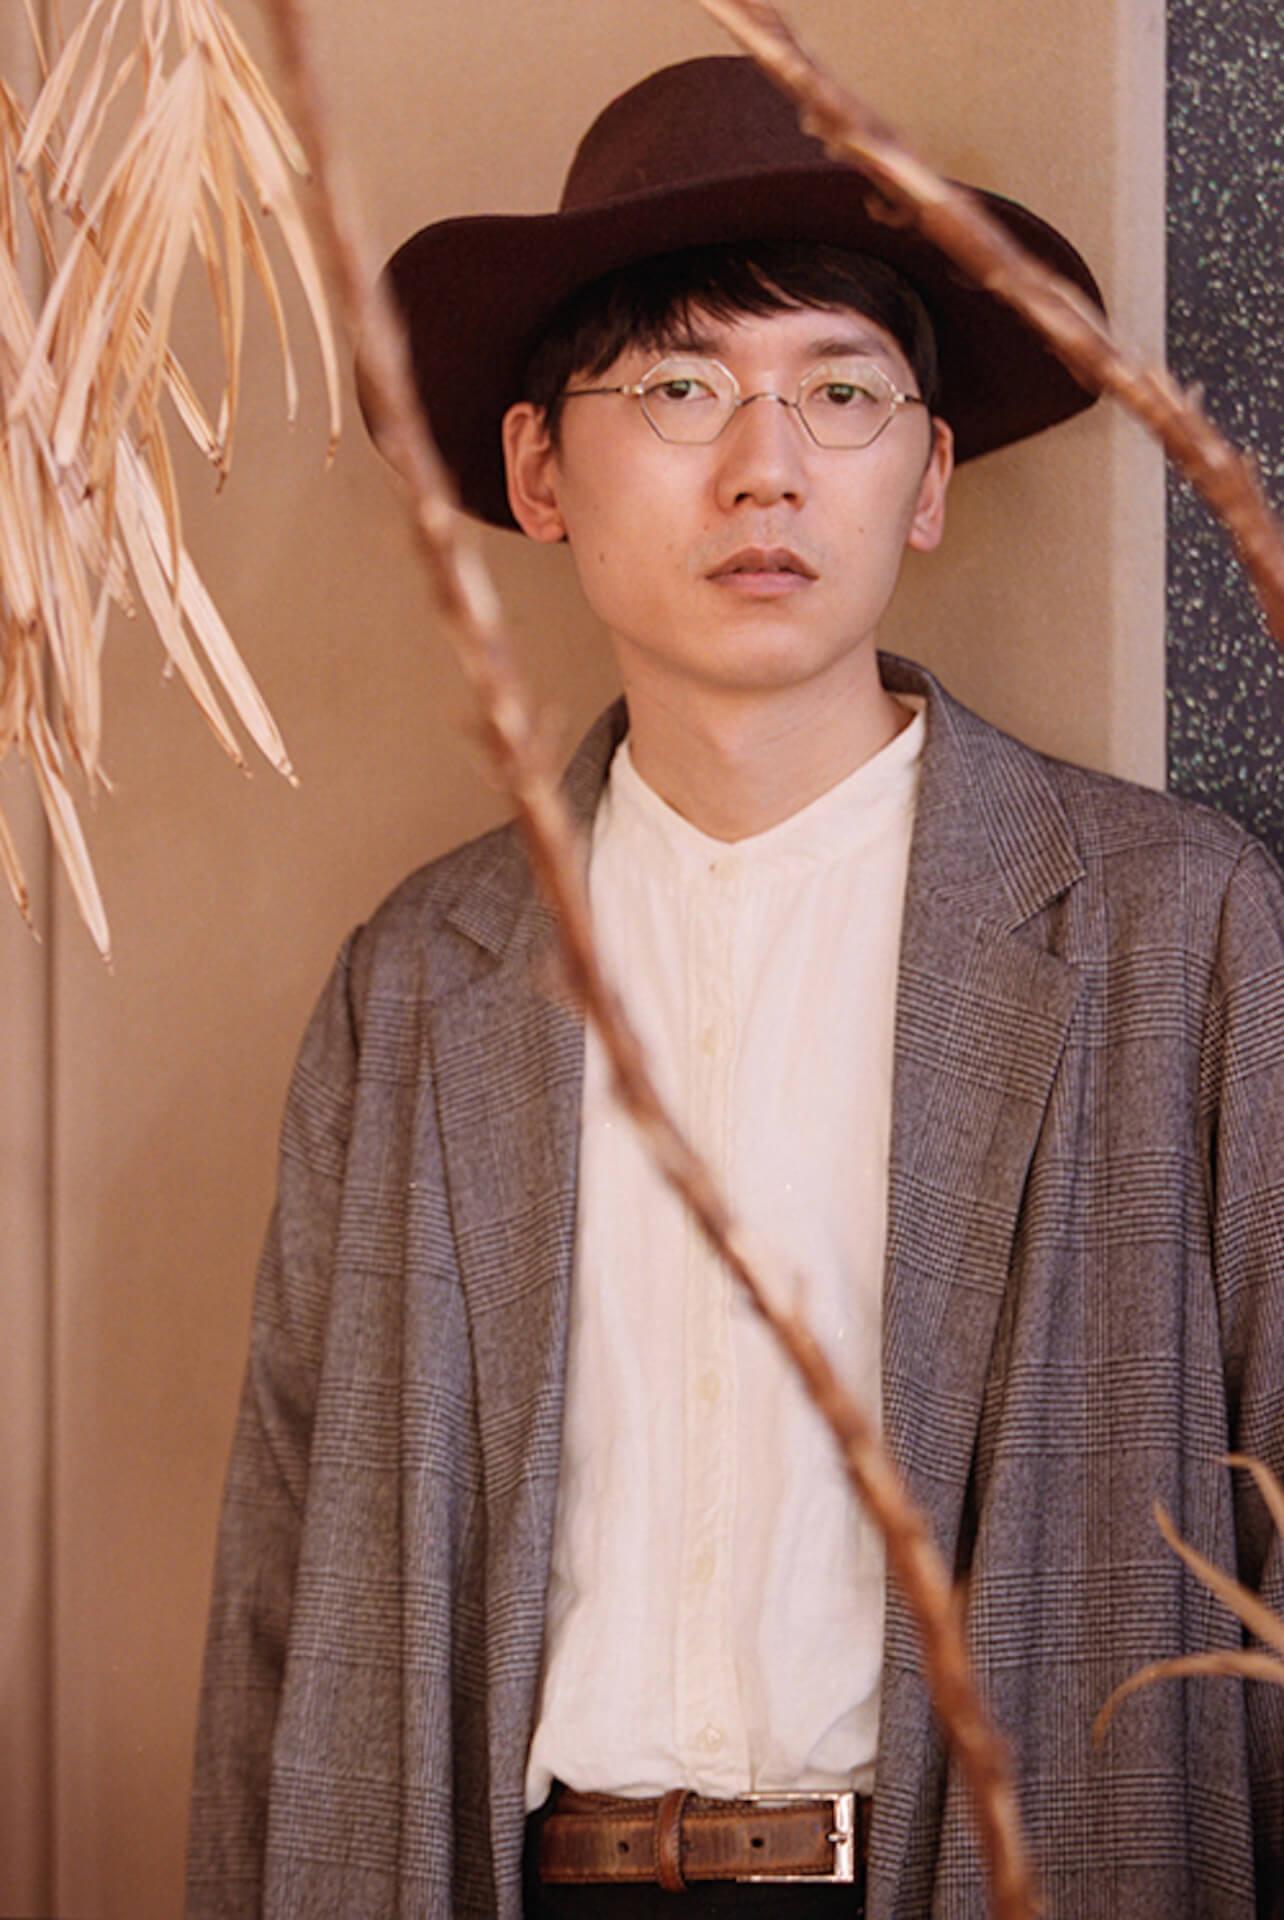 Chara+YUKIの新ミニアルバム『echo』に参加したミュージシャンのコメントが解禁!TENDRE、大沢伸一、Seiho、mabanuaら参加 music200117_charayuki_5